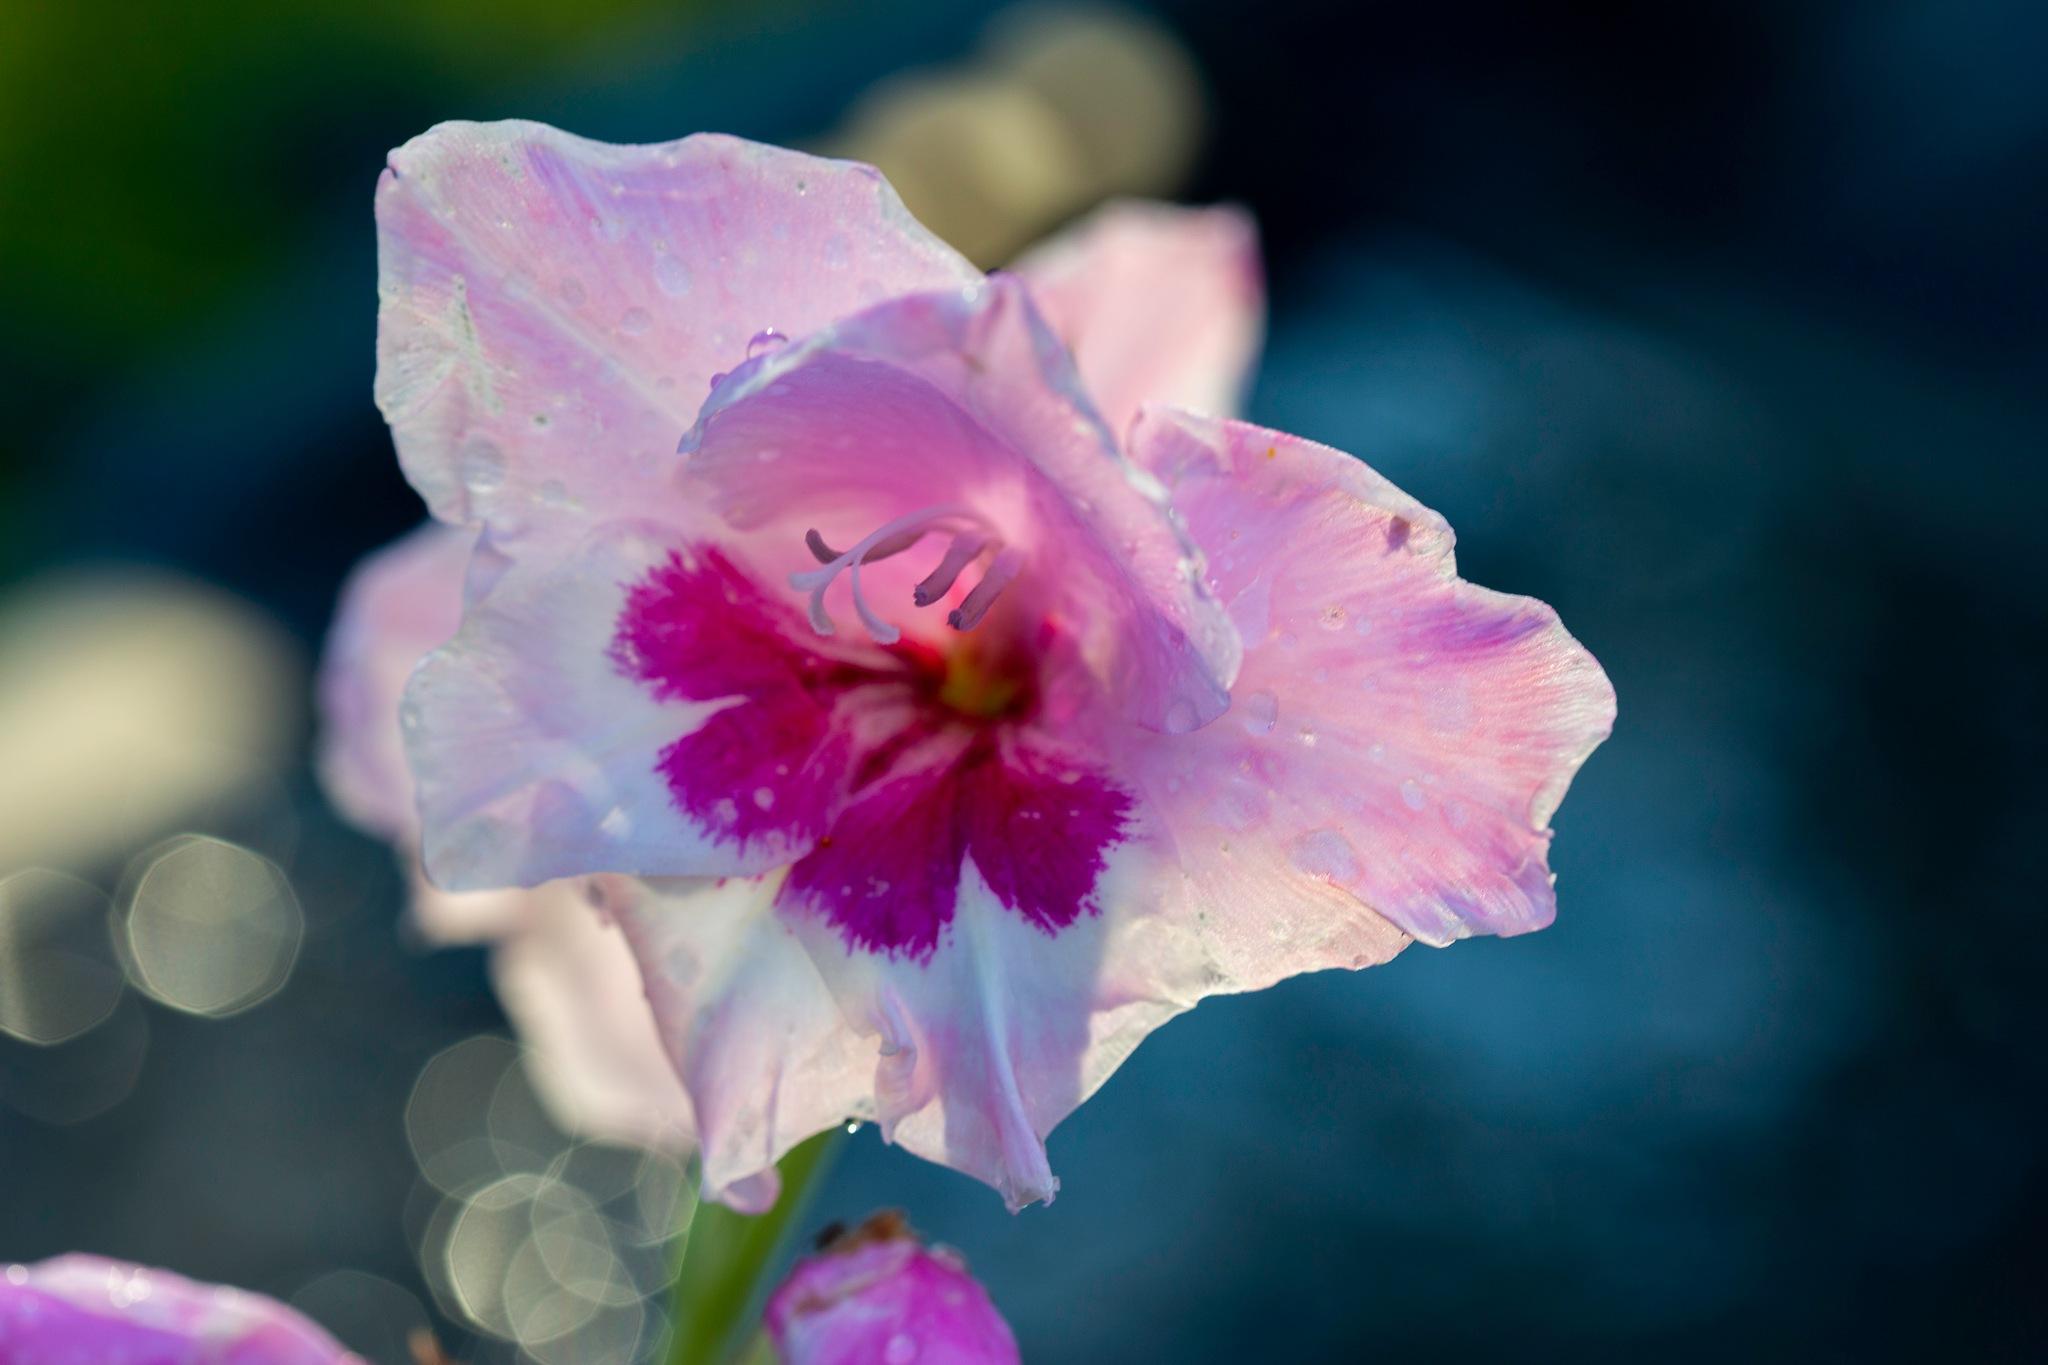 Gladiolus after the Rain by carljan w carlsson